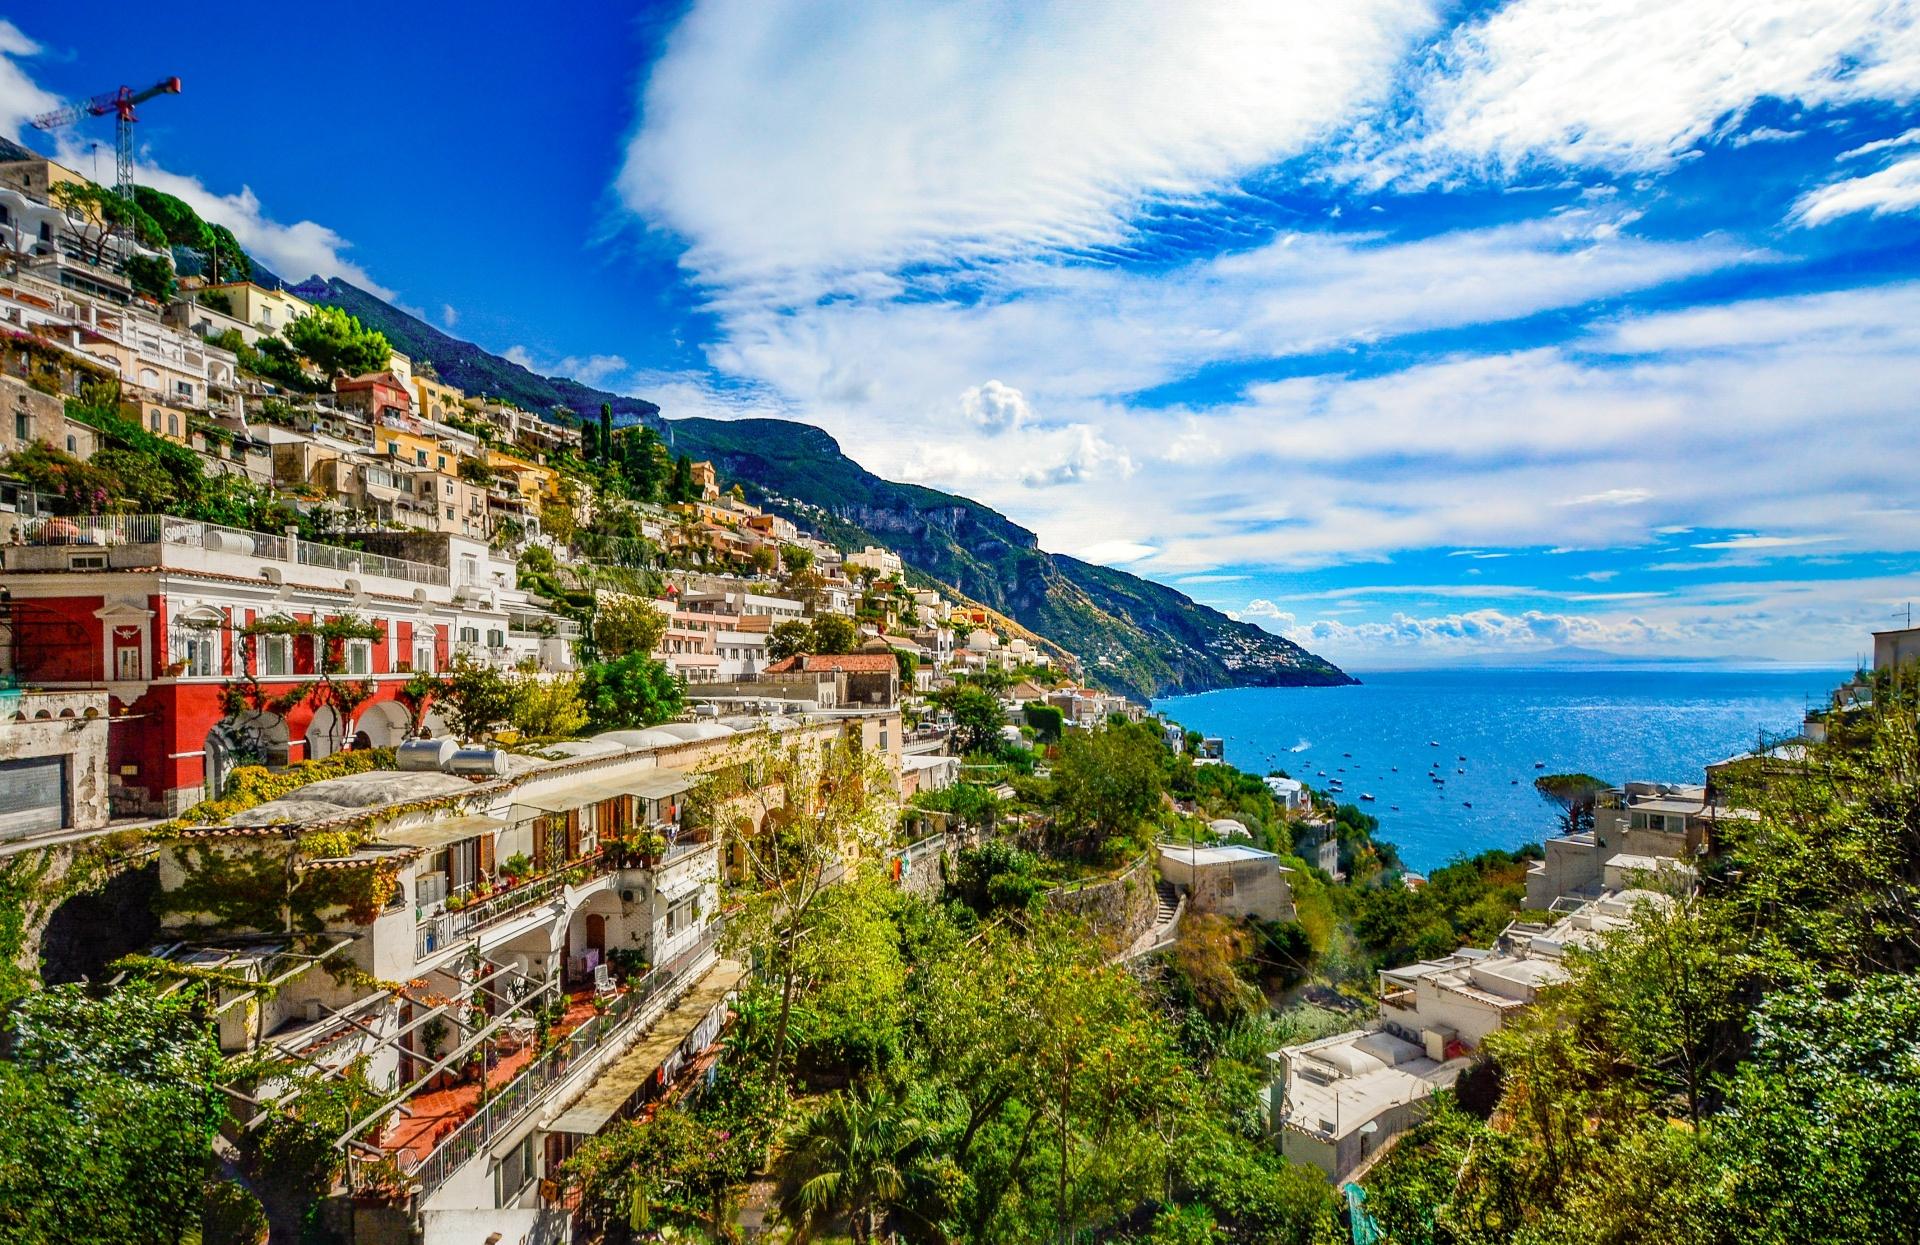 realizzazione testi per viaggi e turismo